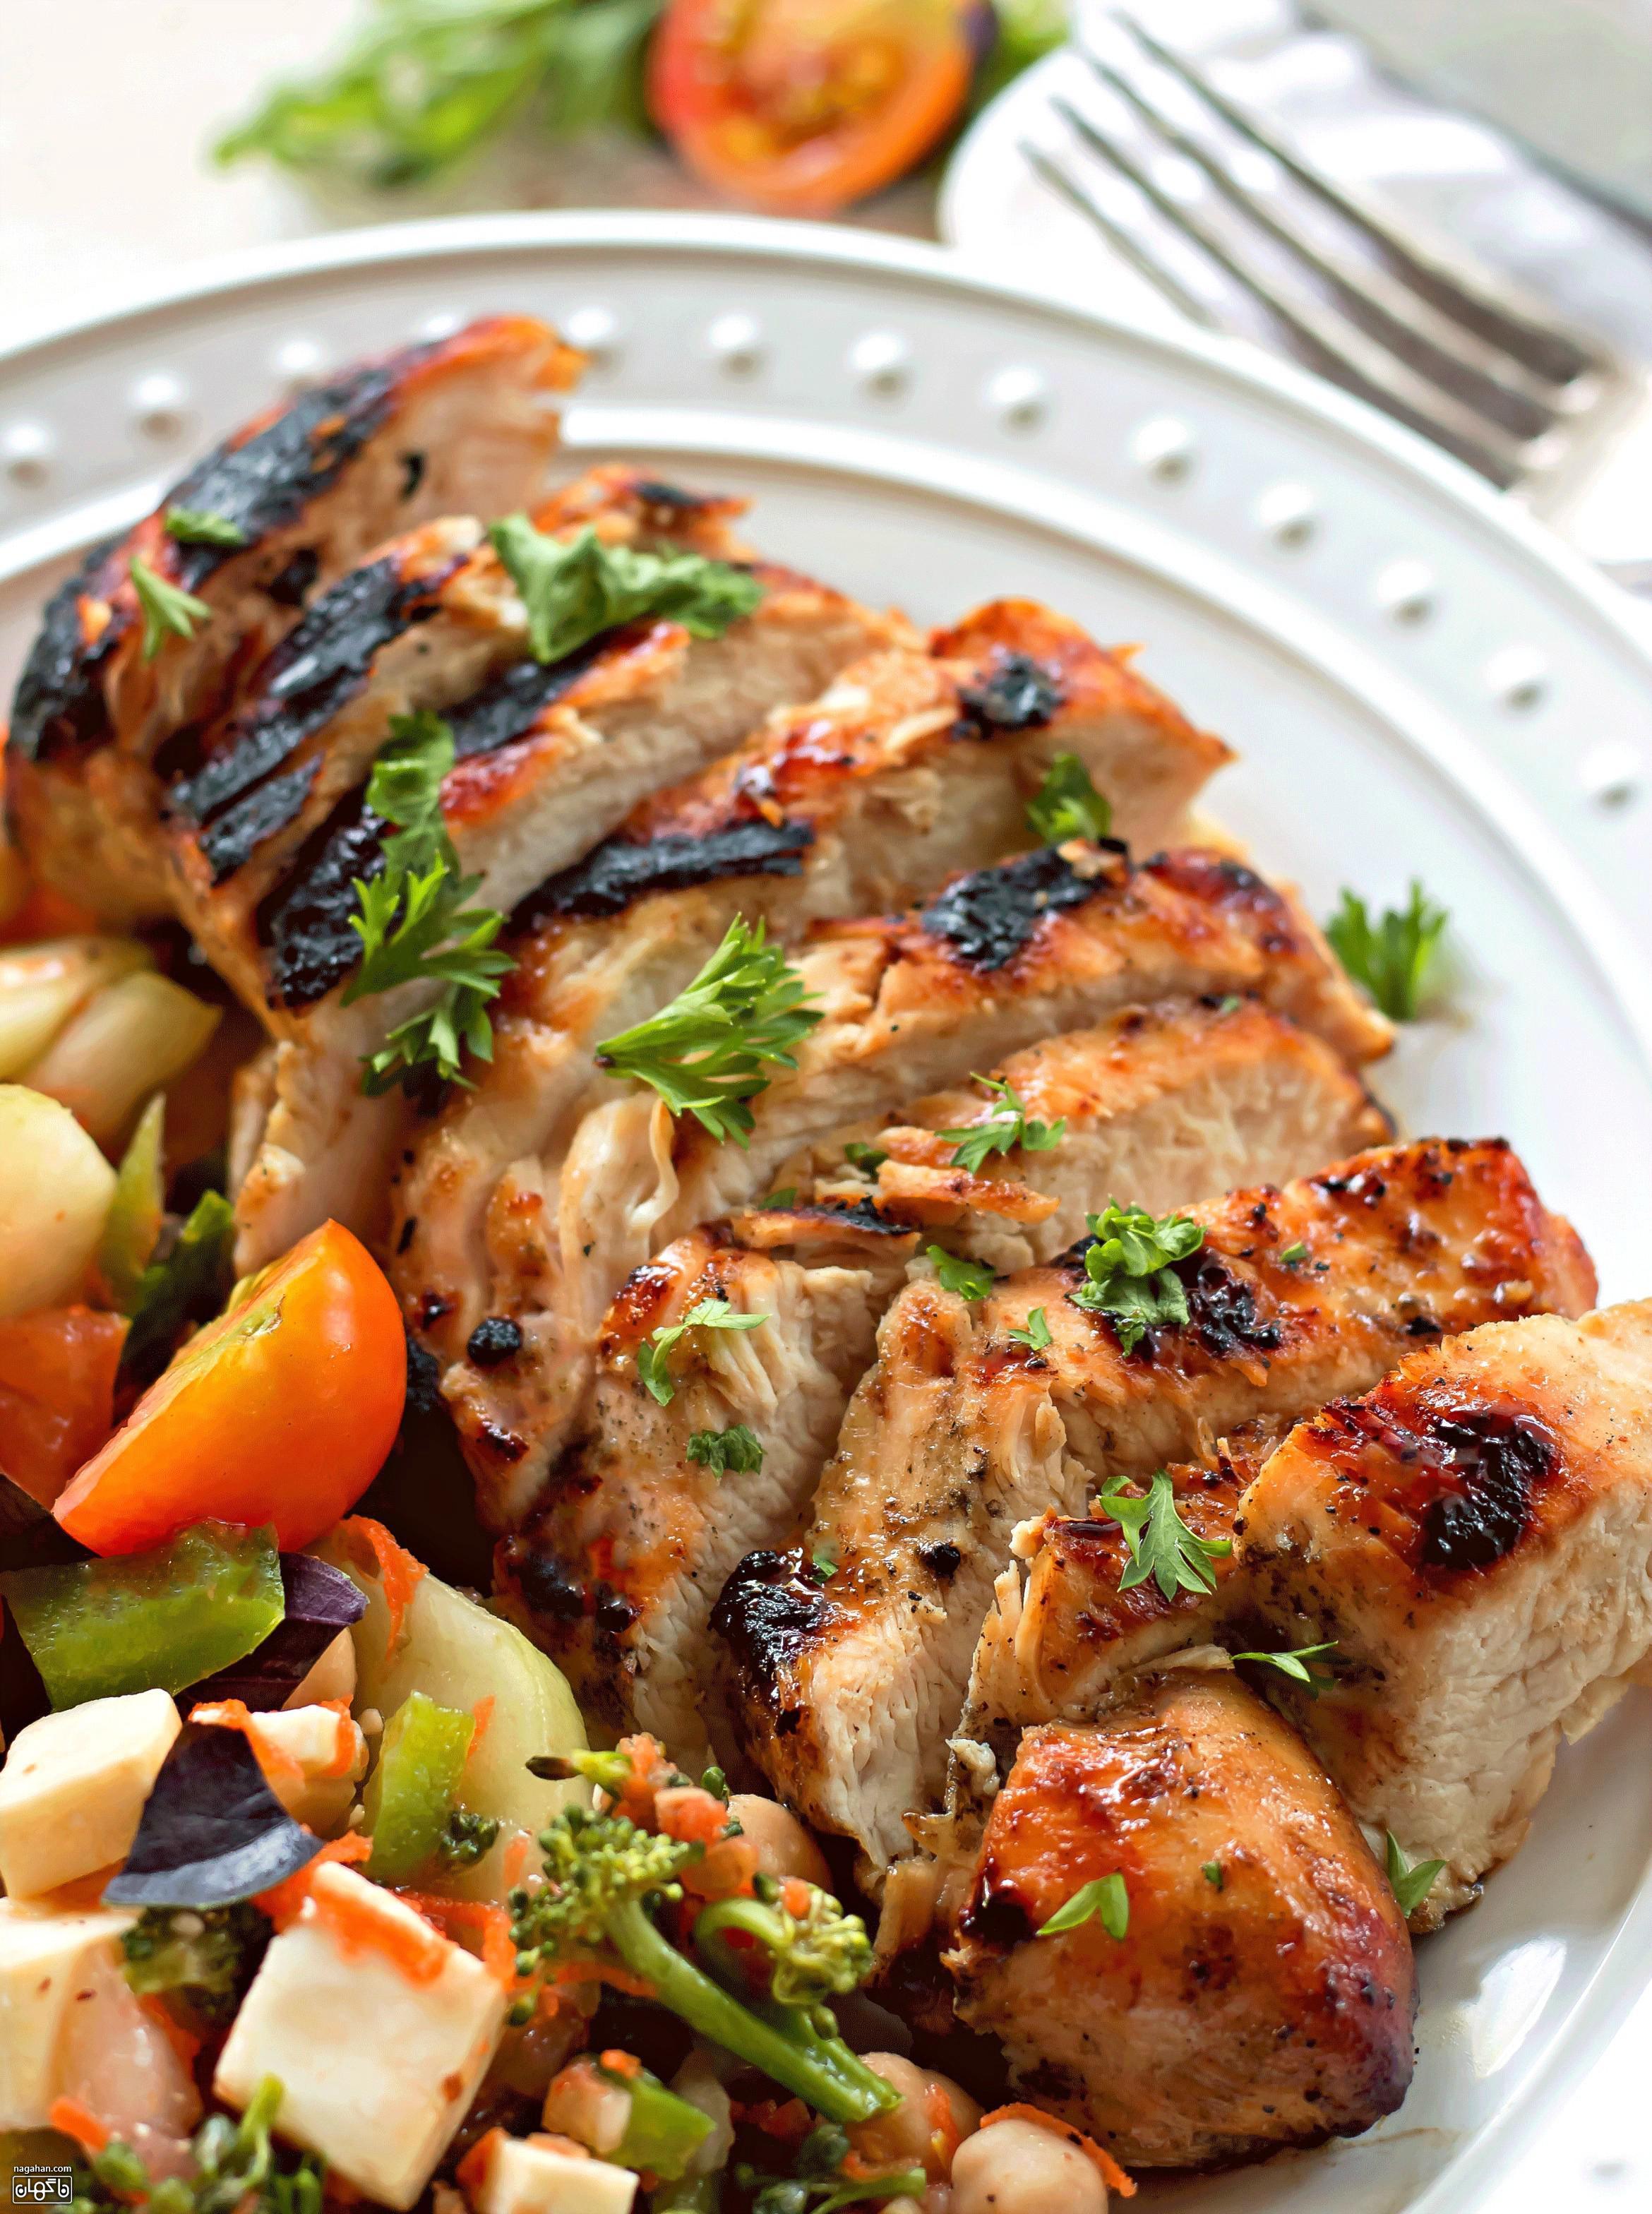 مرغ گریل طعم دار بسیار خوشمزه و لطیف | مرغ طعم دار شده با خردل